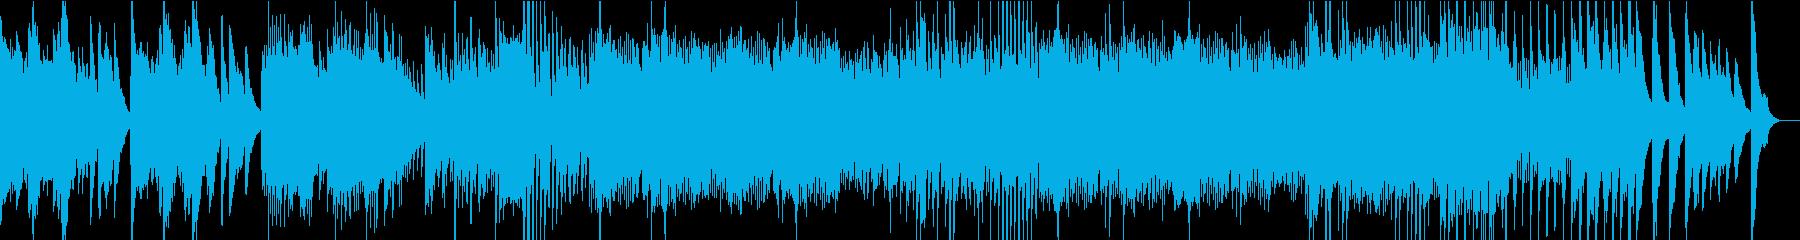 リズミカルなピアノソロの再生済みの波形